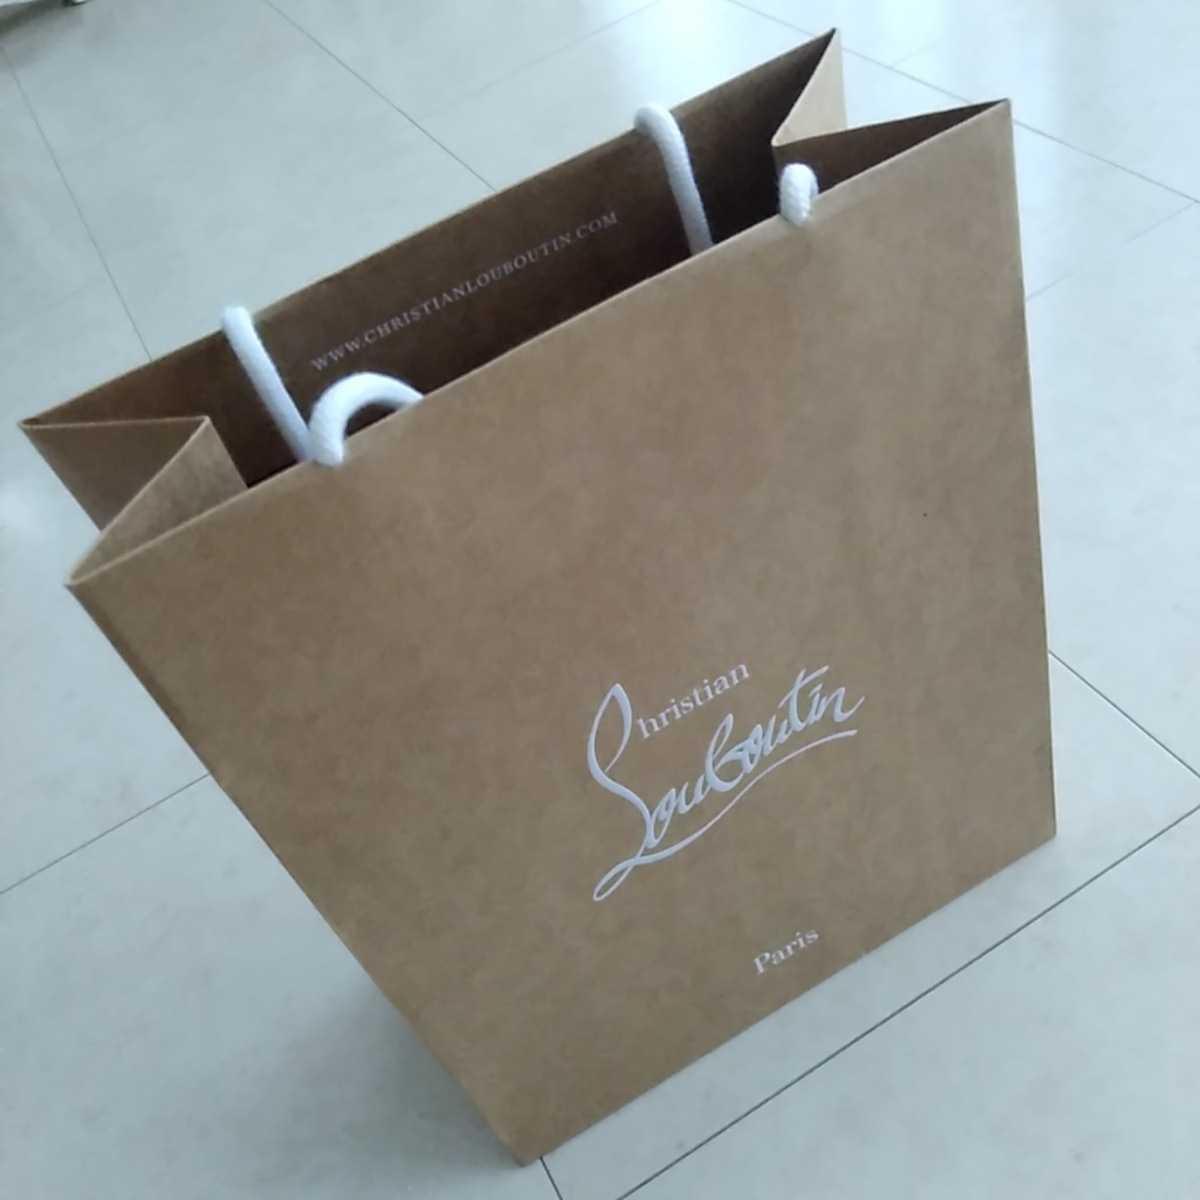 ☆新品☆ルブタンの紙袋☆サイズ小☆クリスチャンルブタン☆自宅保管品_画像1